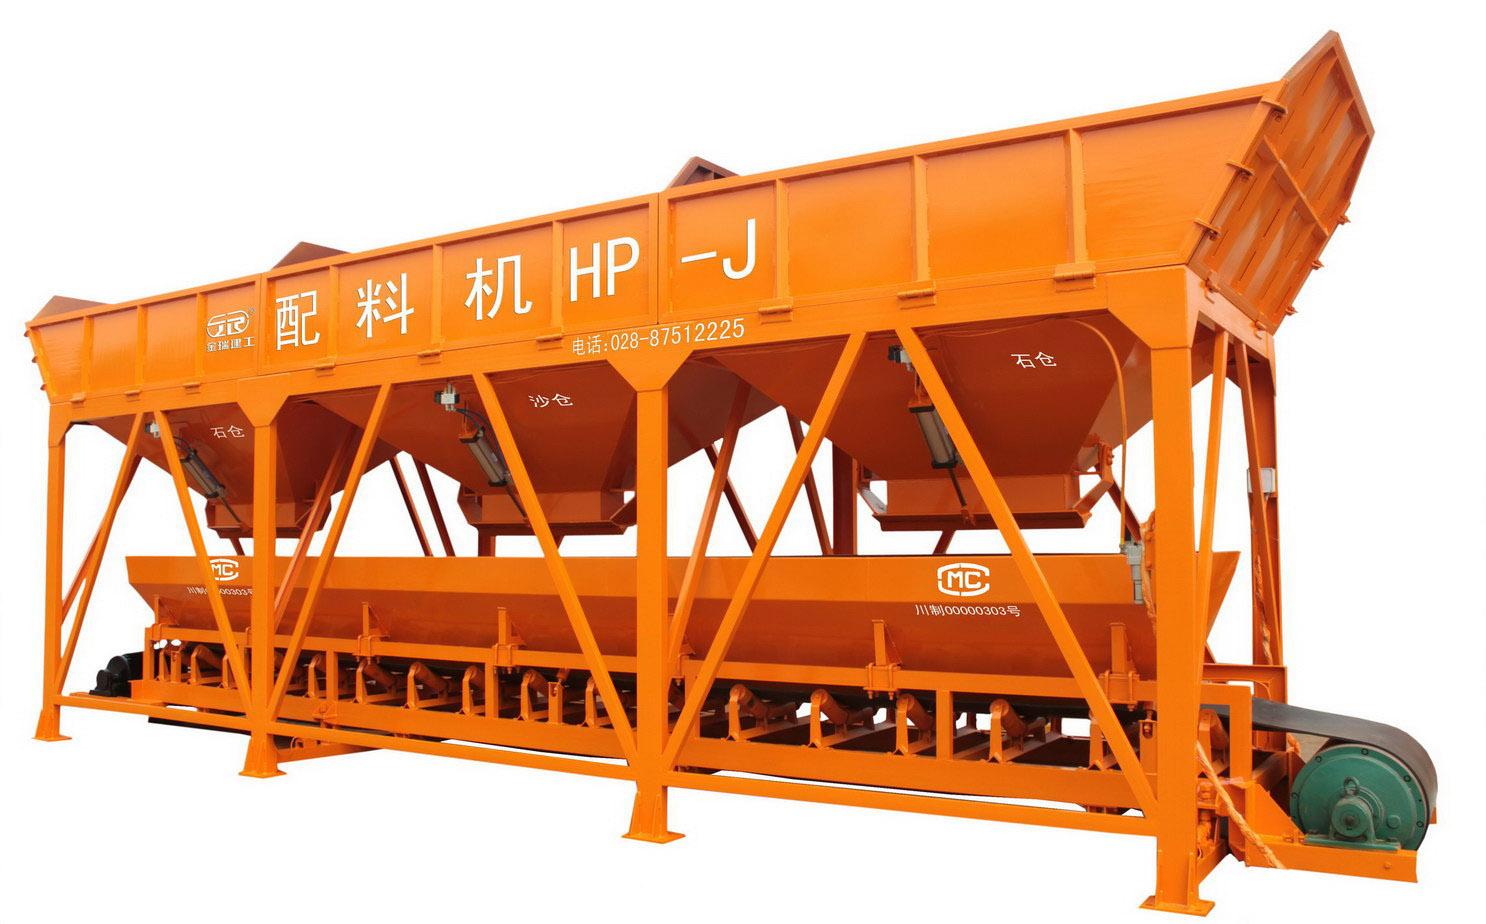 HP-J 混凝土配料机 (组合站用)